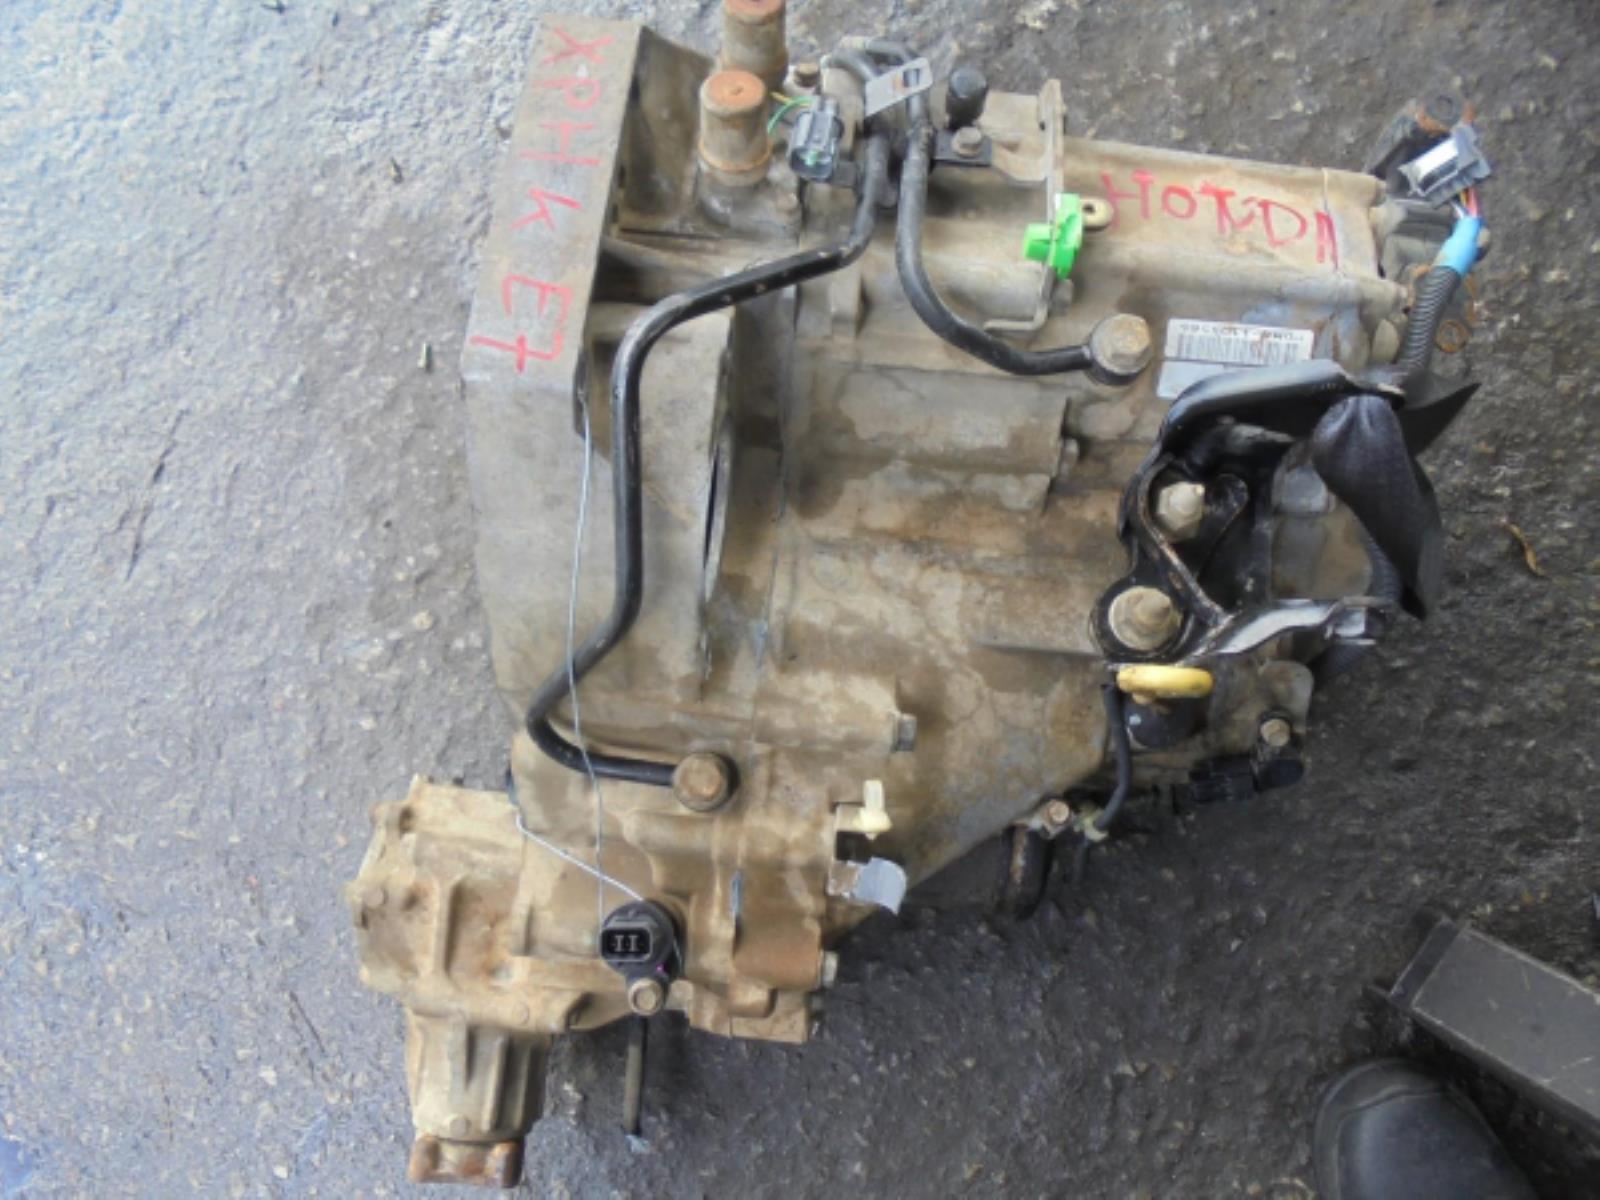 Εικόνα από Σασμάν 4WD  Αυτόματο  HONDA CR-V (1996-2002) 2000cc XRHKE7   και βοηθητικό, λεβιέ στο τιμόνι